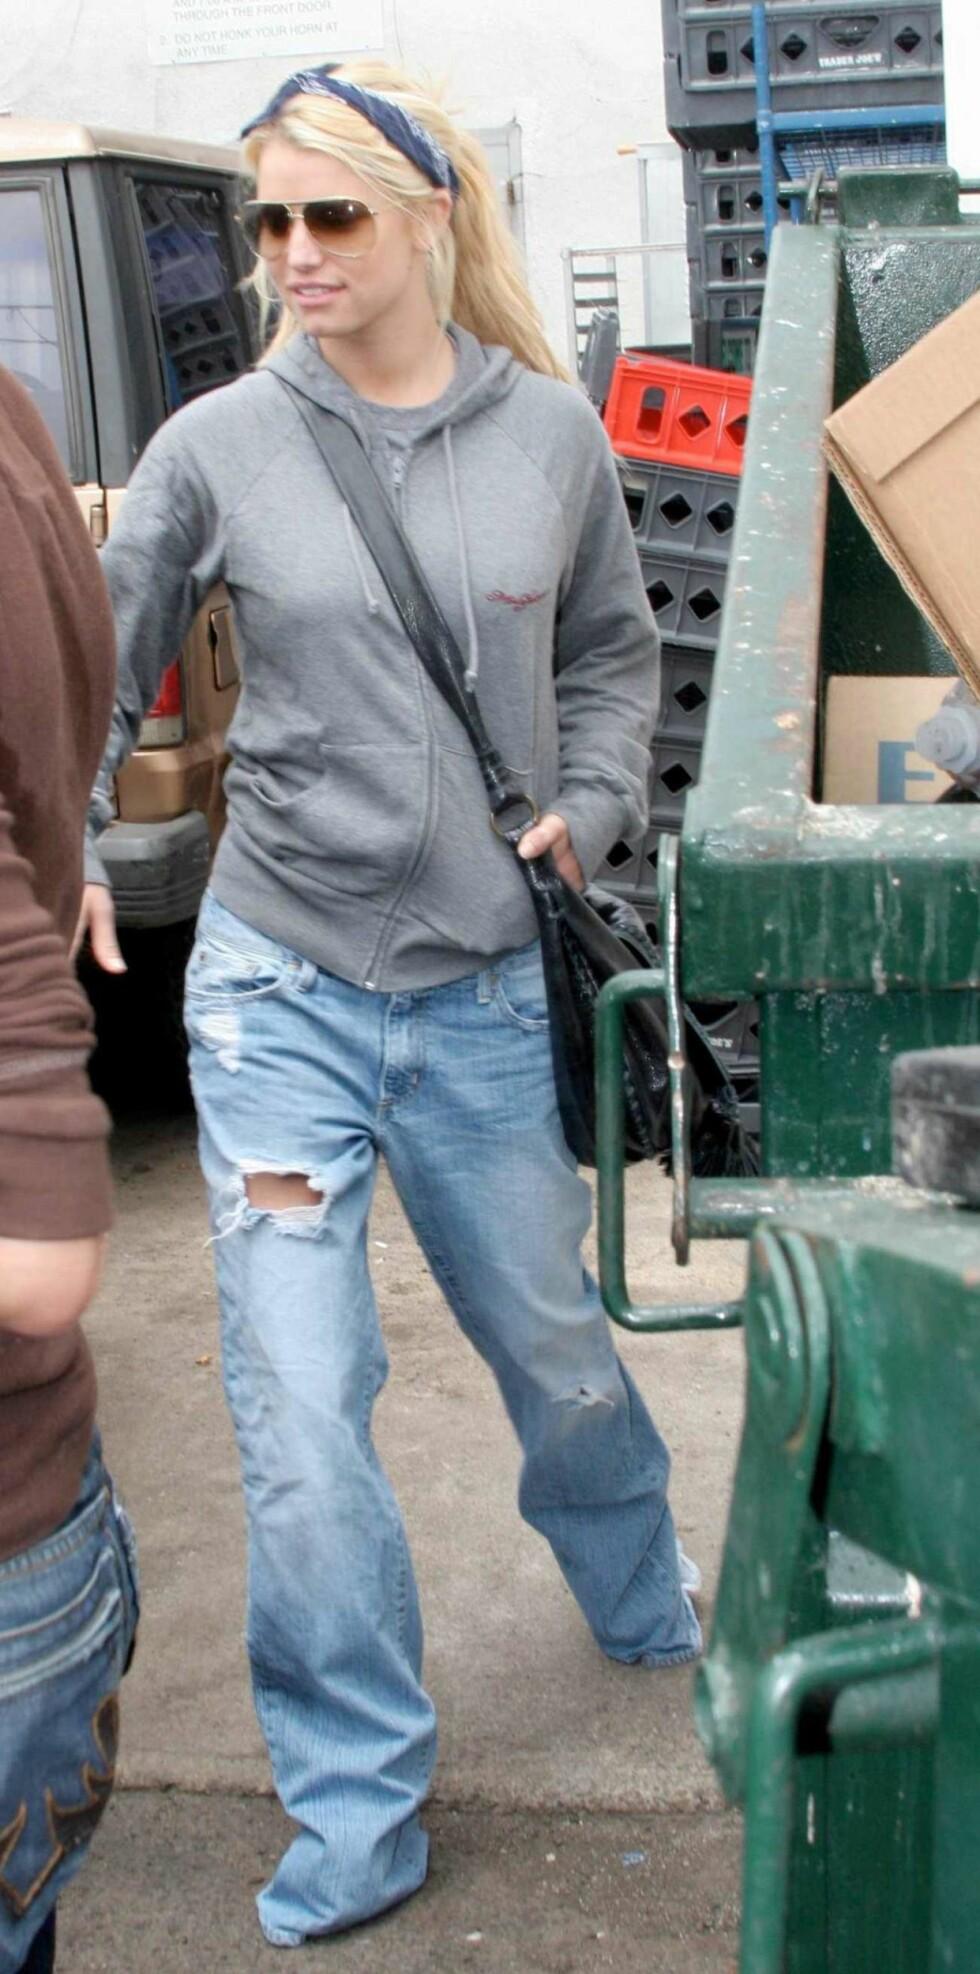 Den nyskilte sangstjernen og realitykjendisen Jessica Simpson sverger til baggy jeans.